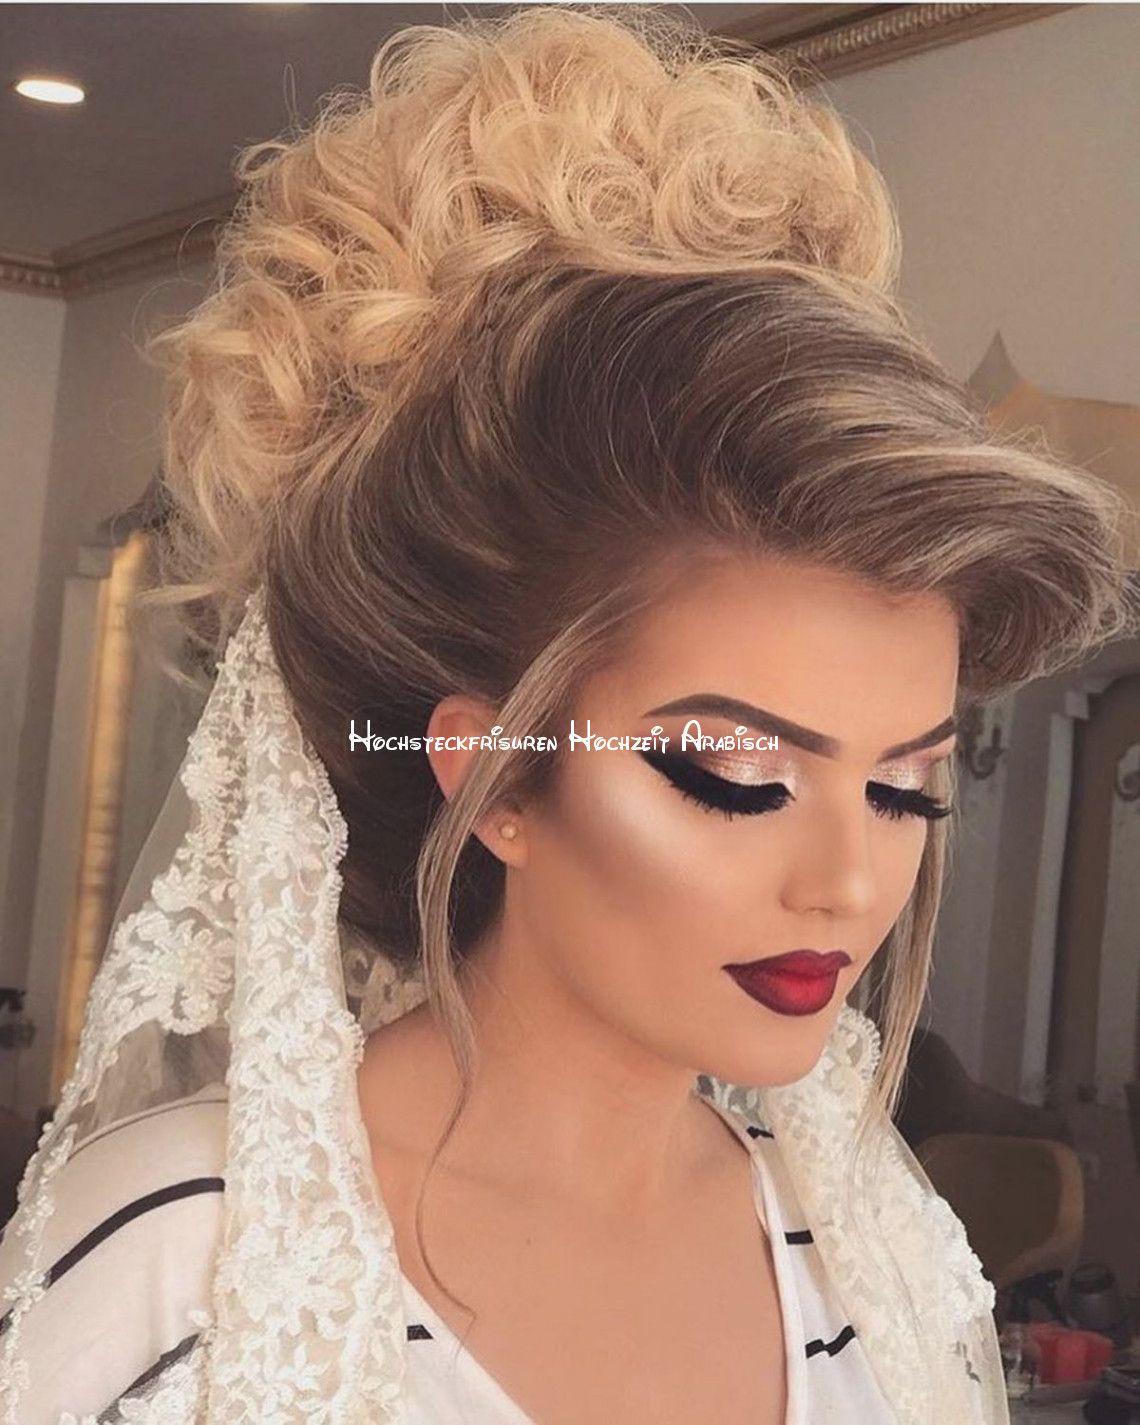 Sex gay arabic